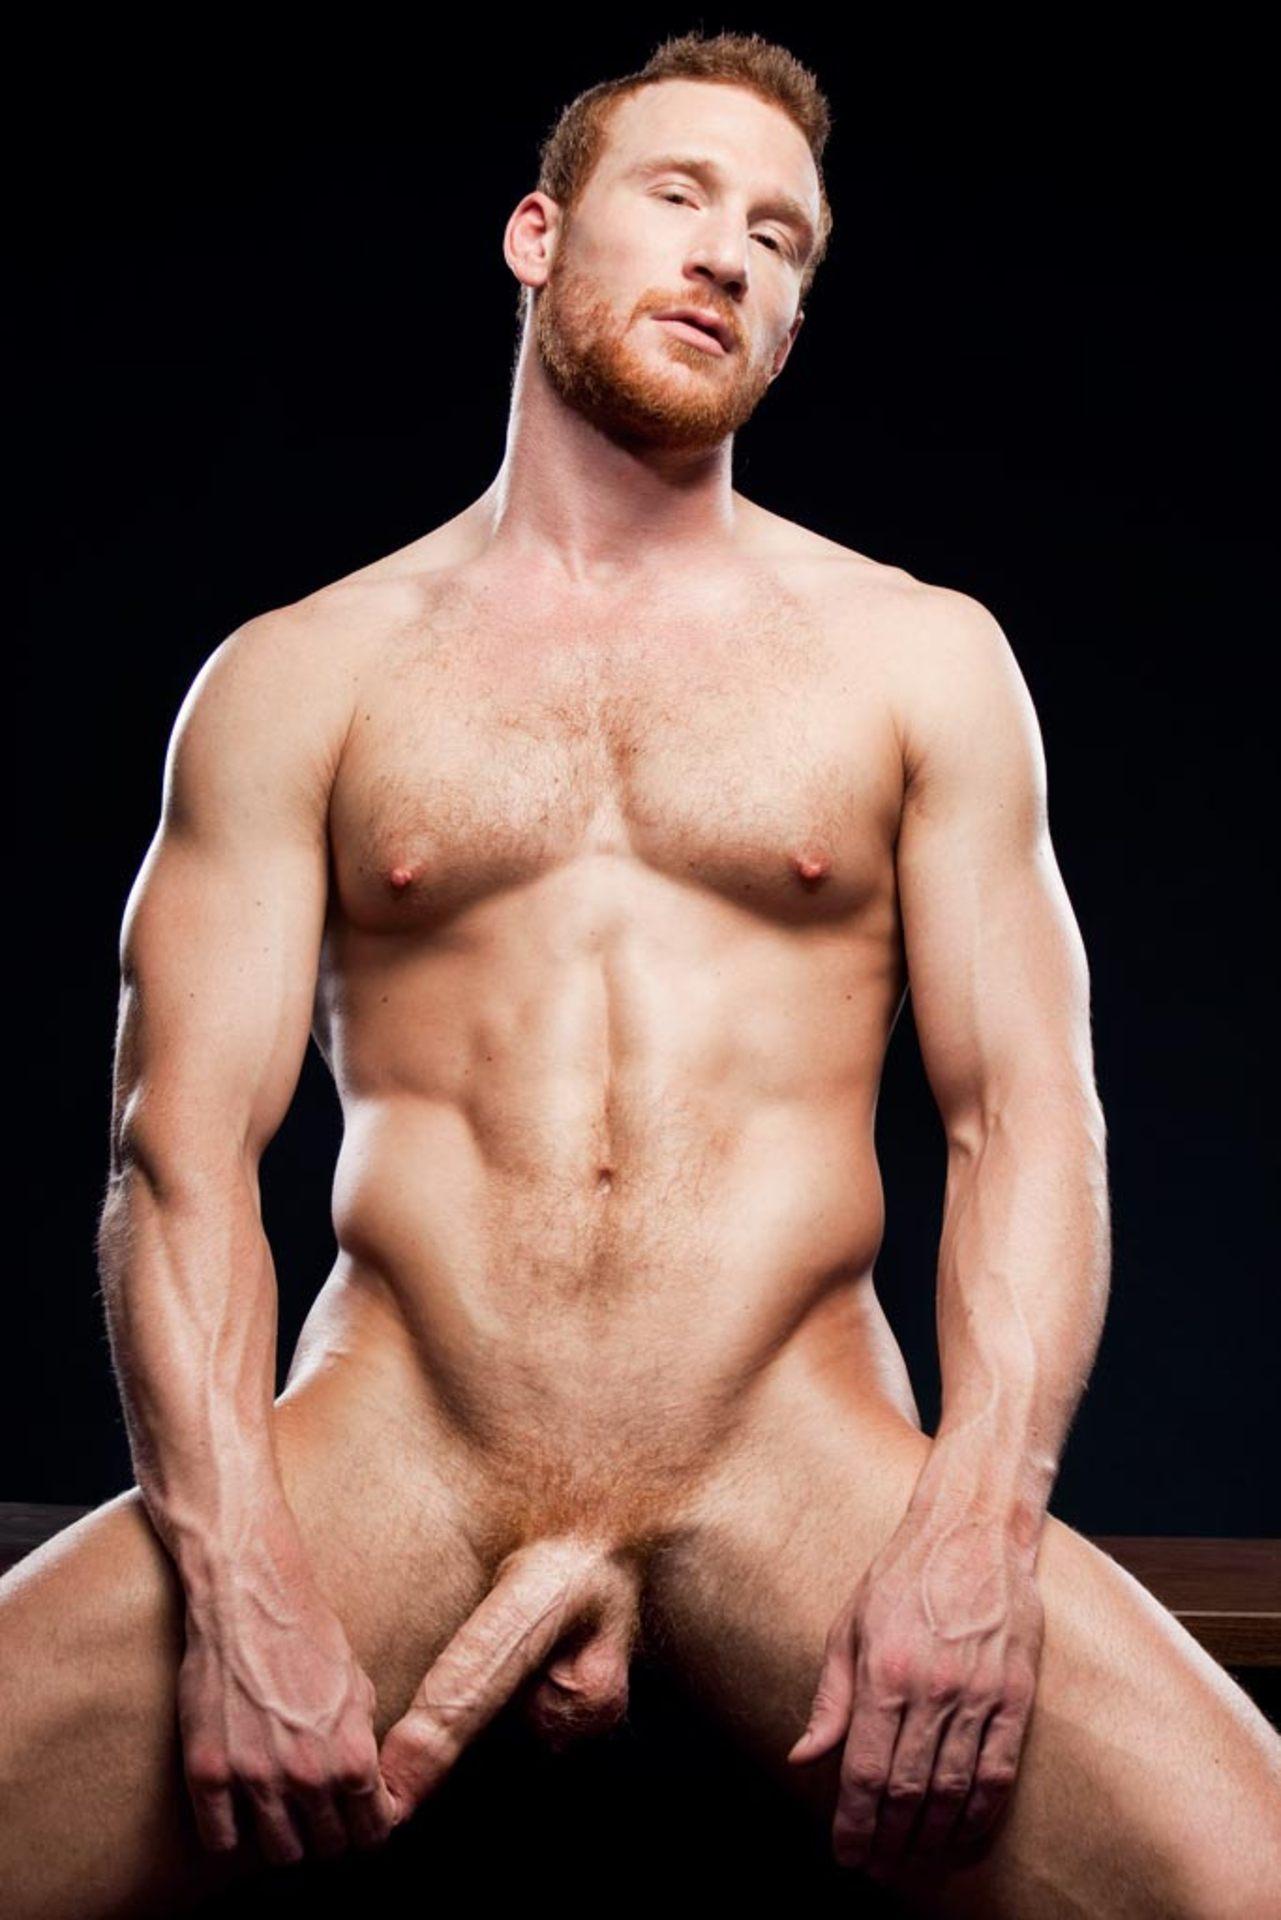 Ellen page nude porn